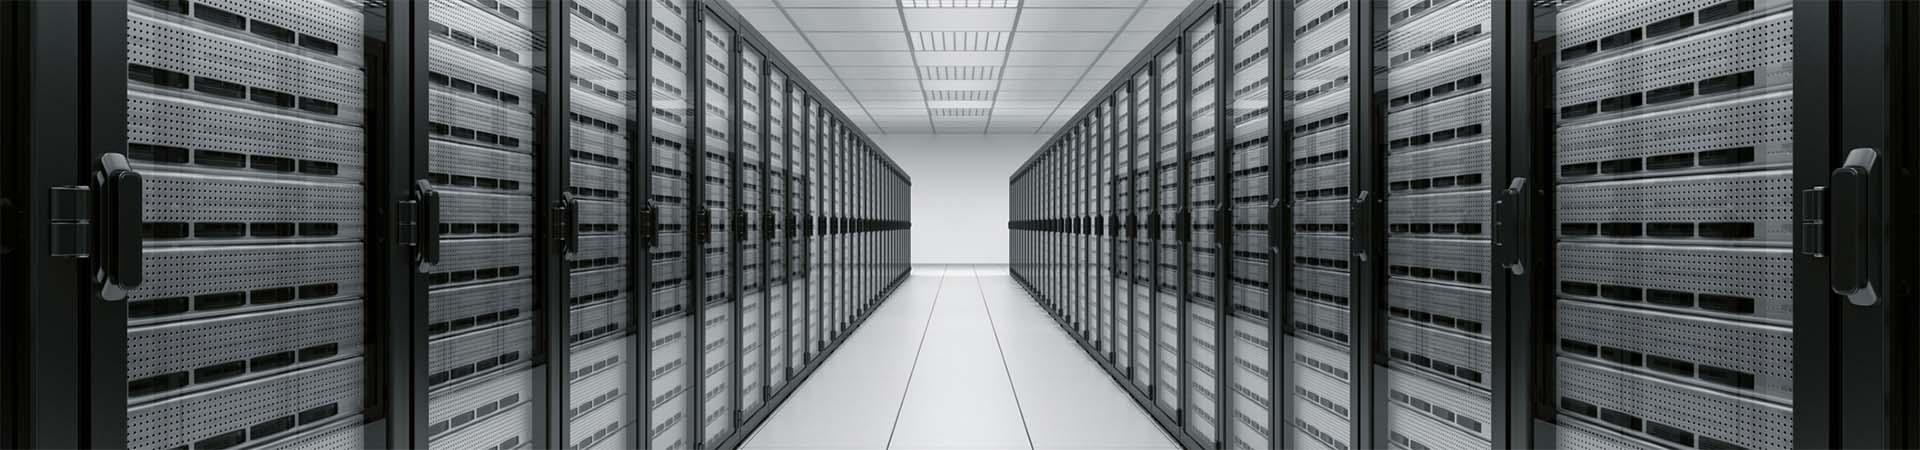 best vps hosting provider